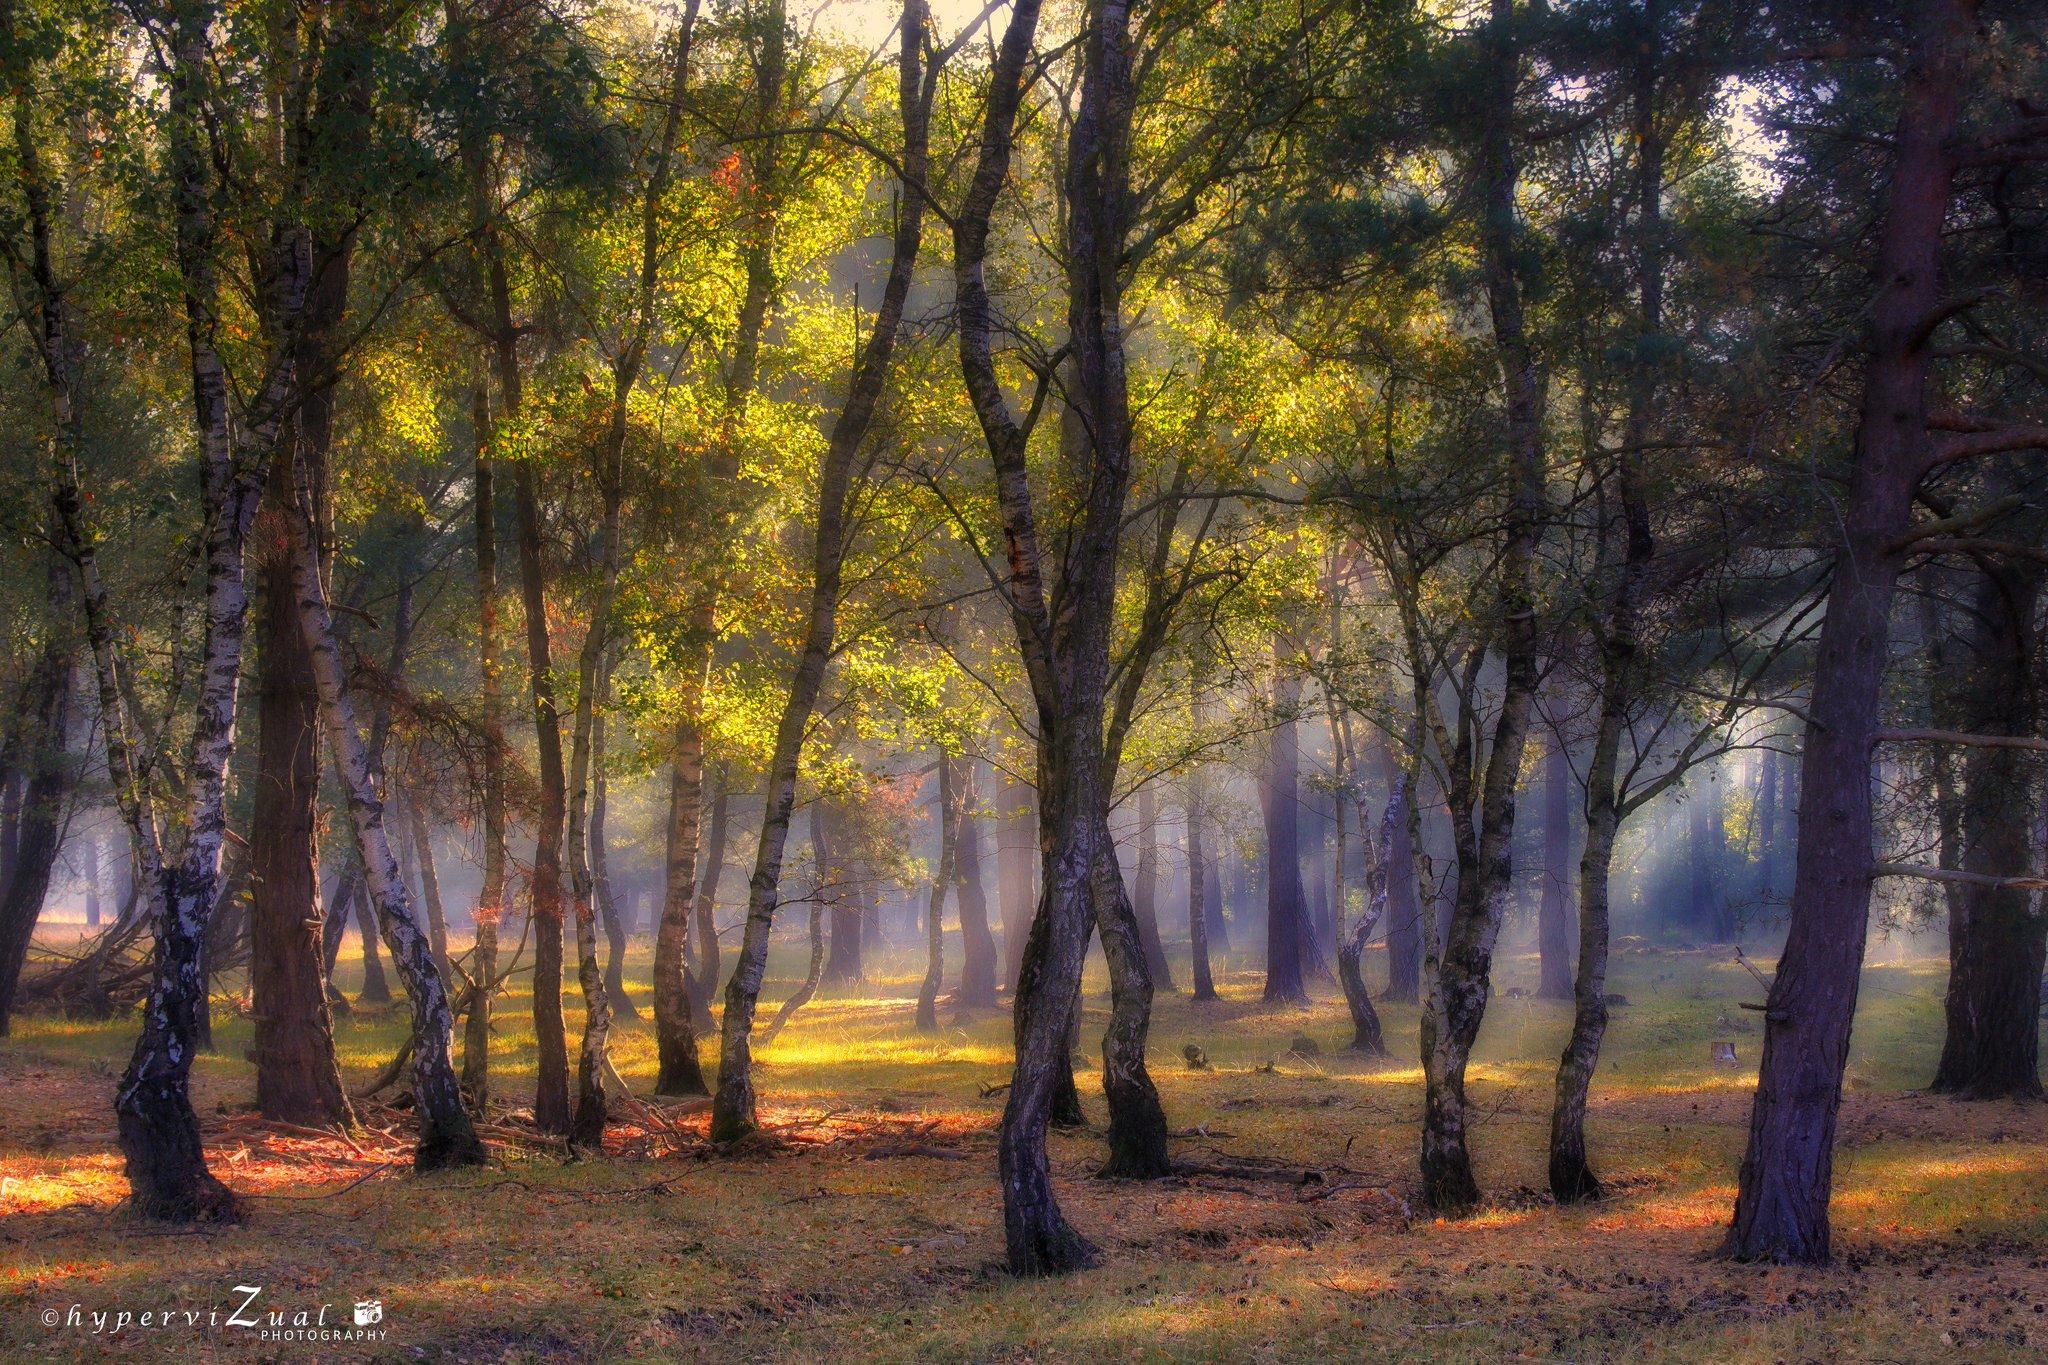 Morgenrunde durch die Heide ... immer wieder schön   #500px #500pxrtg https://t.co/e05nSYqUSl